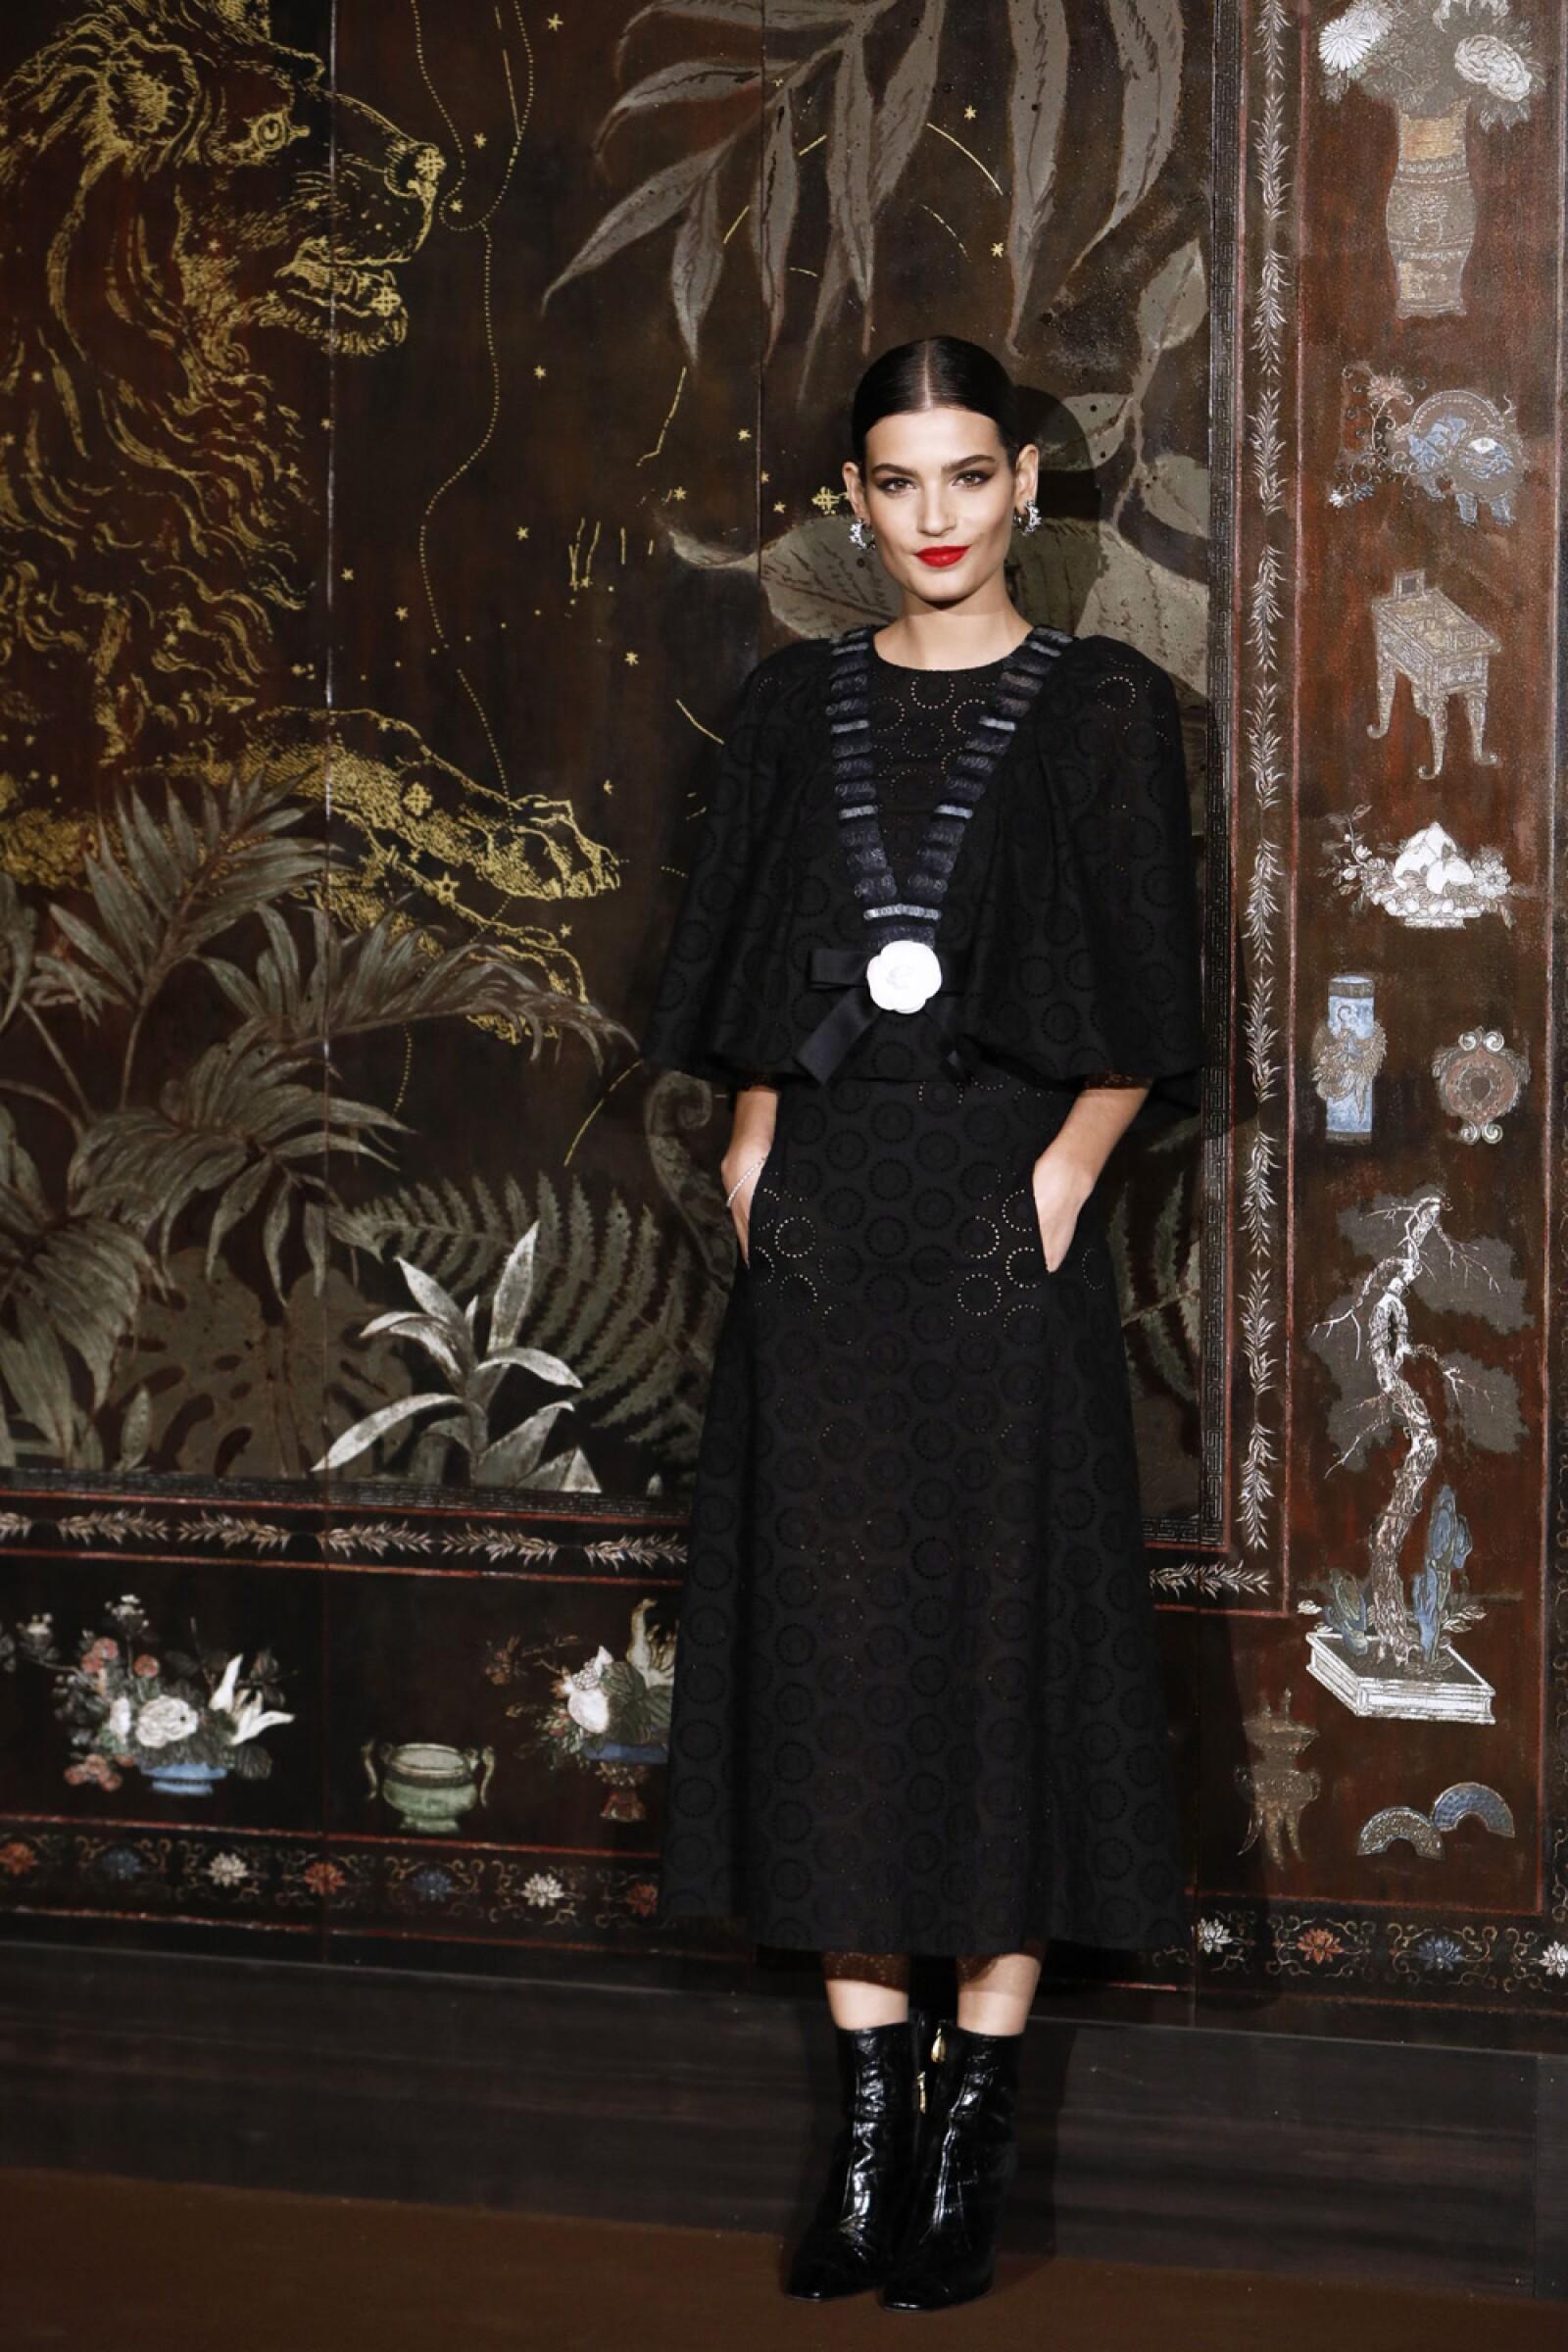 Presentación de la colección de Chanel Métiers d'art 2019/20 en París